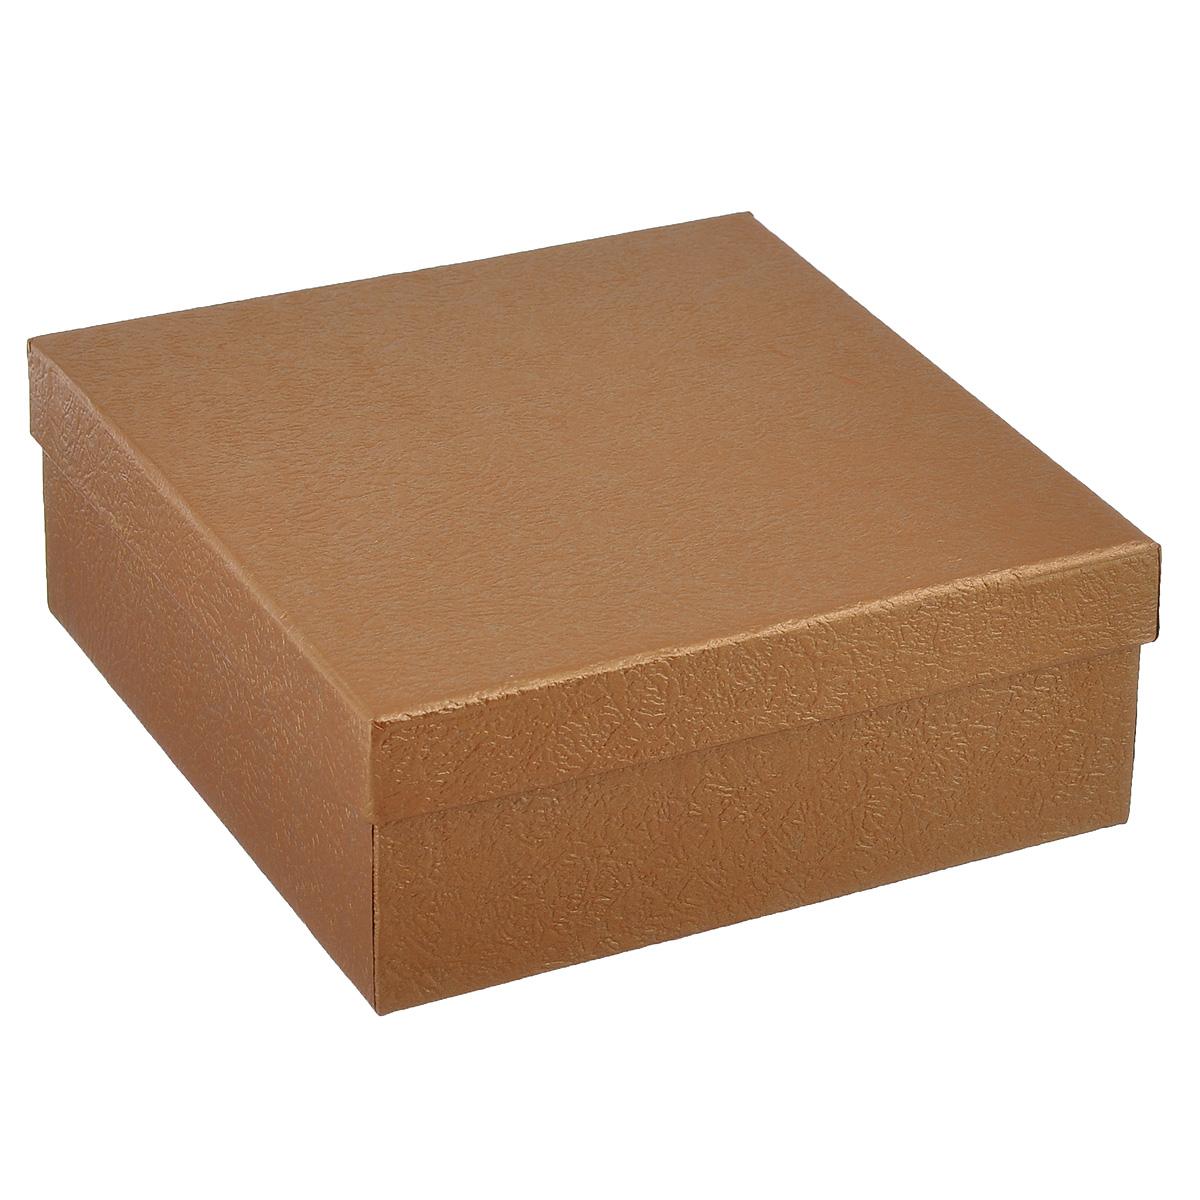 Подарочная коробка Феникс-презент, цвет: золотистый, 16 см х 16 см х 6,3 см66821_5Подарочная коробка Феникс-презент выполнена из мелованного, негофрированного картона. Коробка вместительная, закрывается крышкой.Подарочная коробка - это наилучшее решение, если вы хотите порадовать ваших близких и создать праздничное настроение, ведь подарок, преподнесенный в оригинальной упаковке, всегда будет самым эффектным и запоминающимся. Окружите близких людей вниманием и заботой, вручив презент в нарядном, праздничном оформлении.